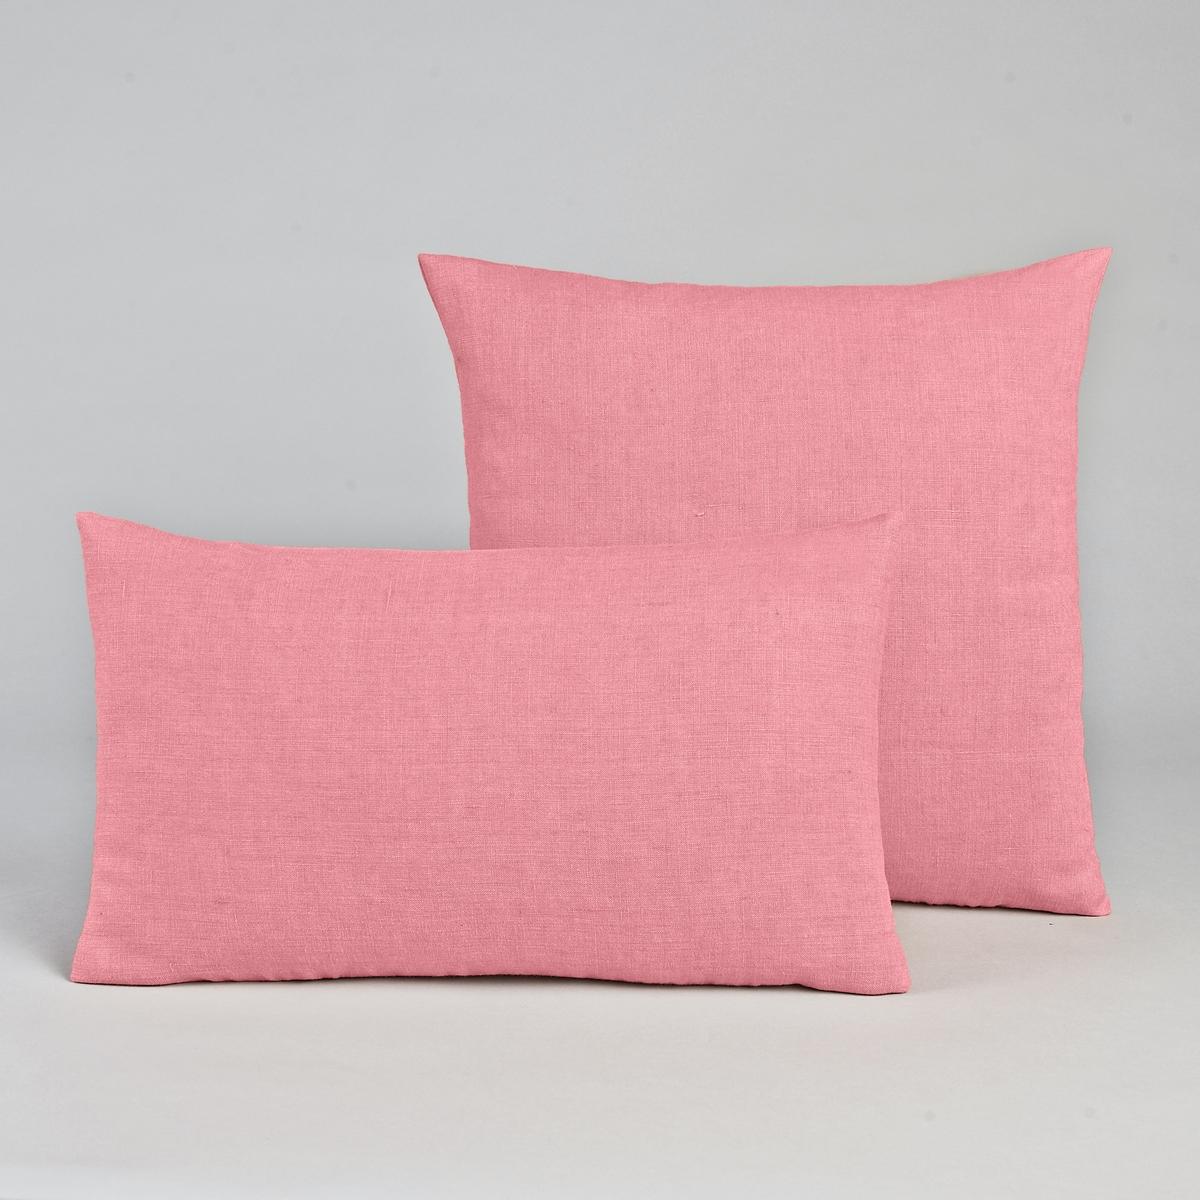 Льняной чехол для подушки, GeorgetteЛьняной чехол для подушки Georgette отлично сочетается с покрывалом Georgette, которое вы можете приобрести на сайте ampm.ru. Лен : создаёт ощущение нежности и мягкости, со временем он становится более эластичным и более красивым.Материал : - 100% льнаРазмер : - 50 x 30см : прямоугольная форма- 45 x 45 см : квадратная наволочка<br><br>Цвет: розовый